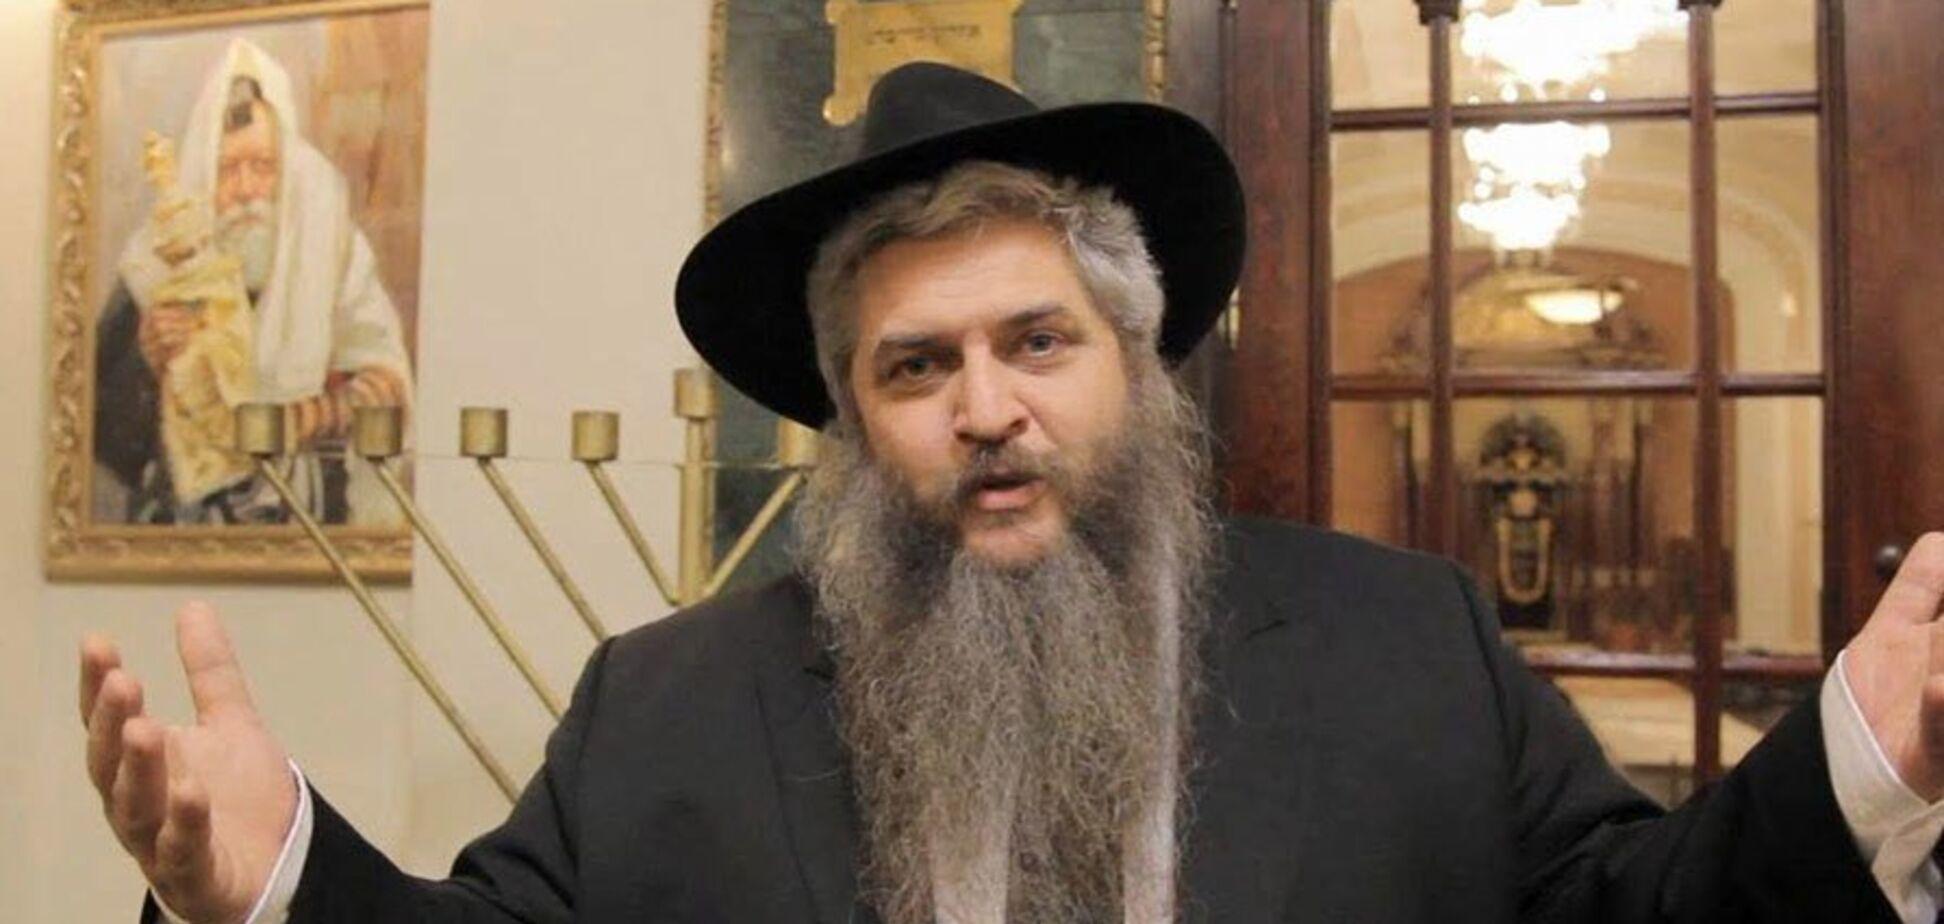 Зачем НАБУ незаконно следило за синагогой: детали громкого скандала